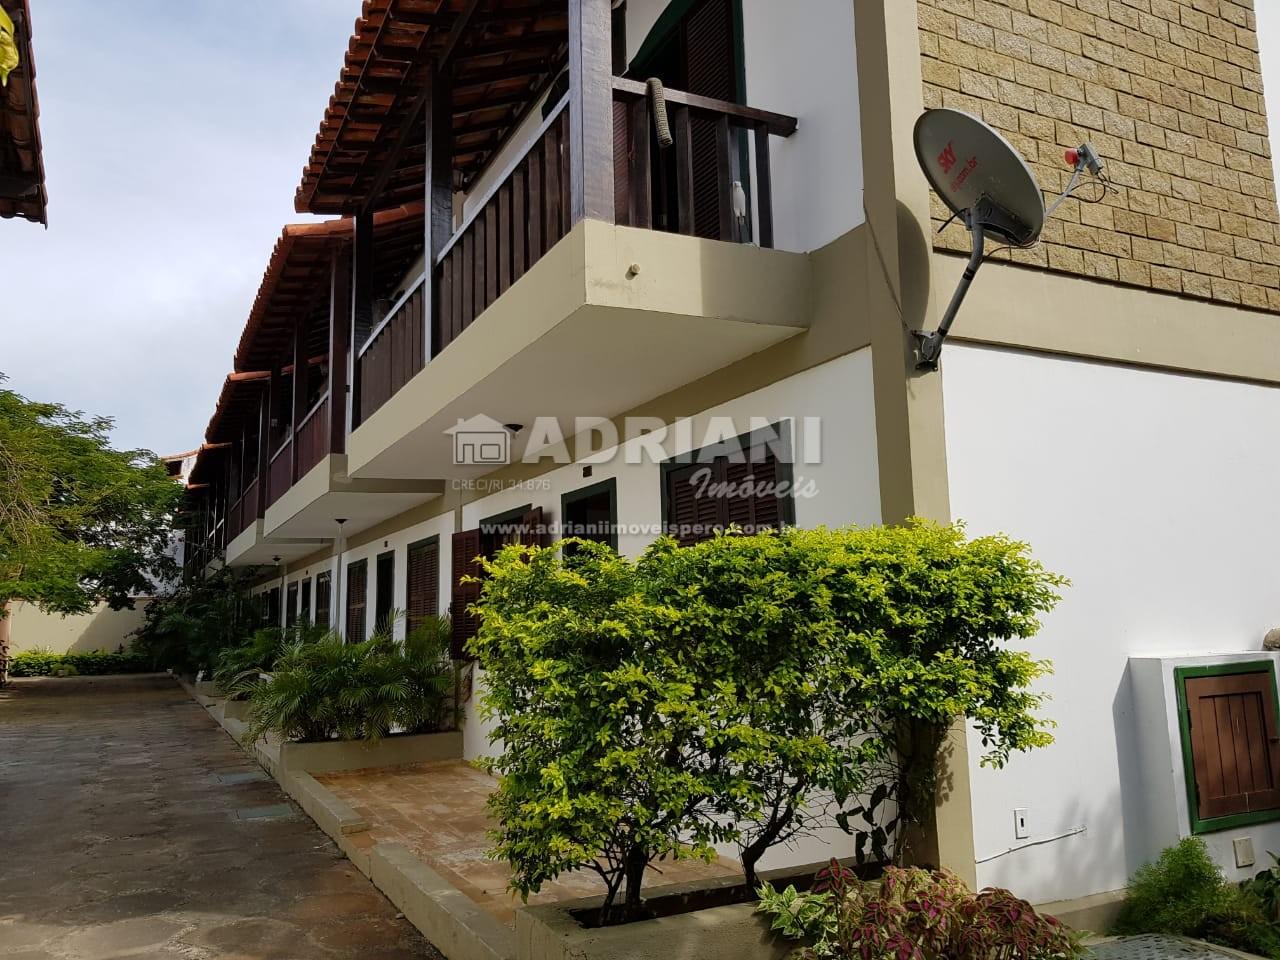 Cód: 162 Casa em Condomínio, Venda, Peró, Cabo Frio – RJ